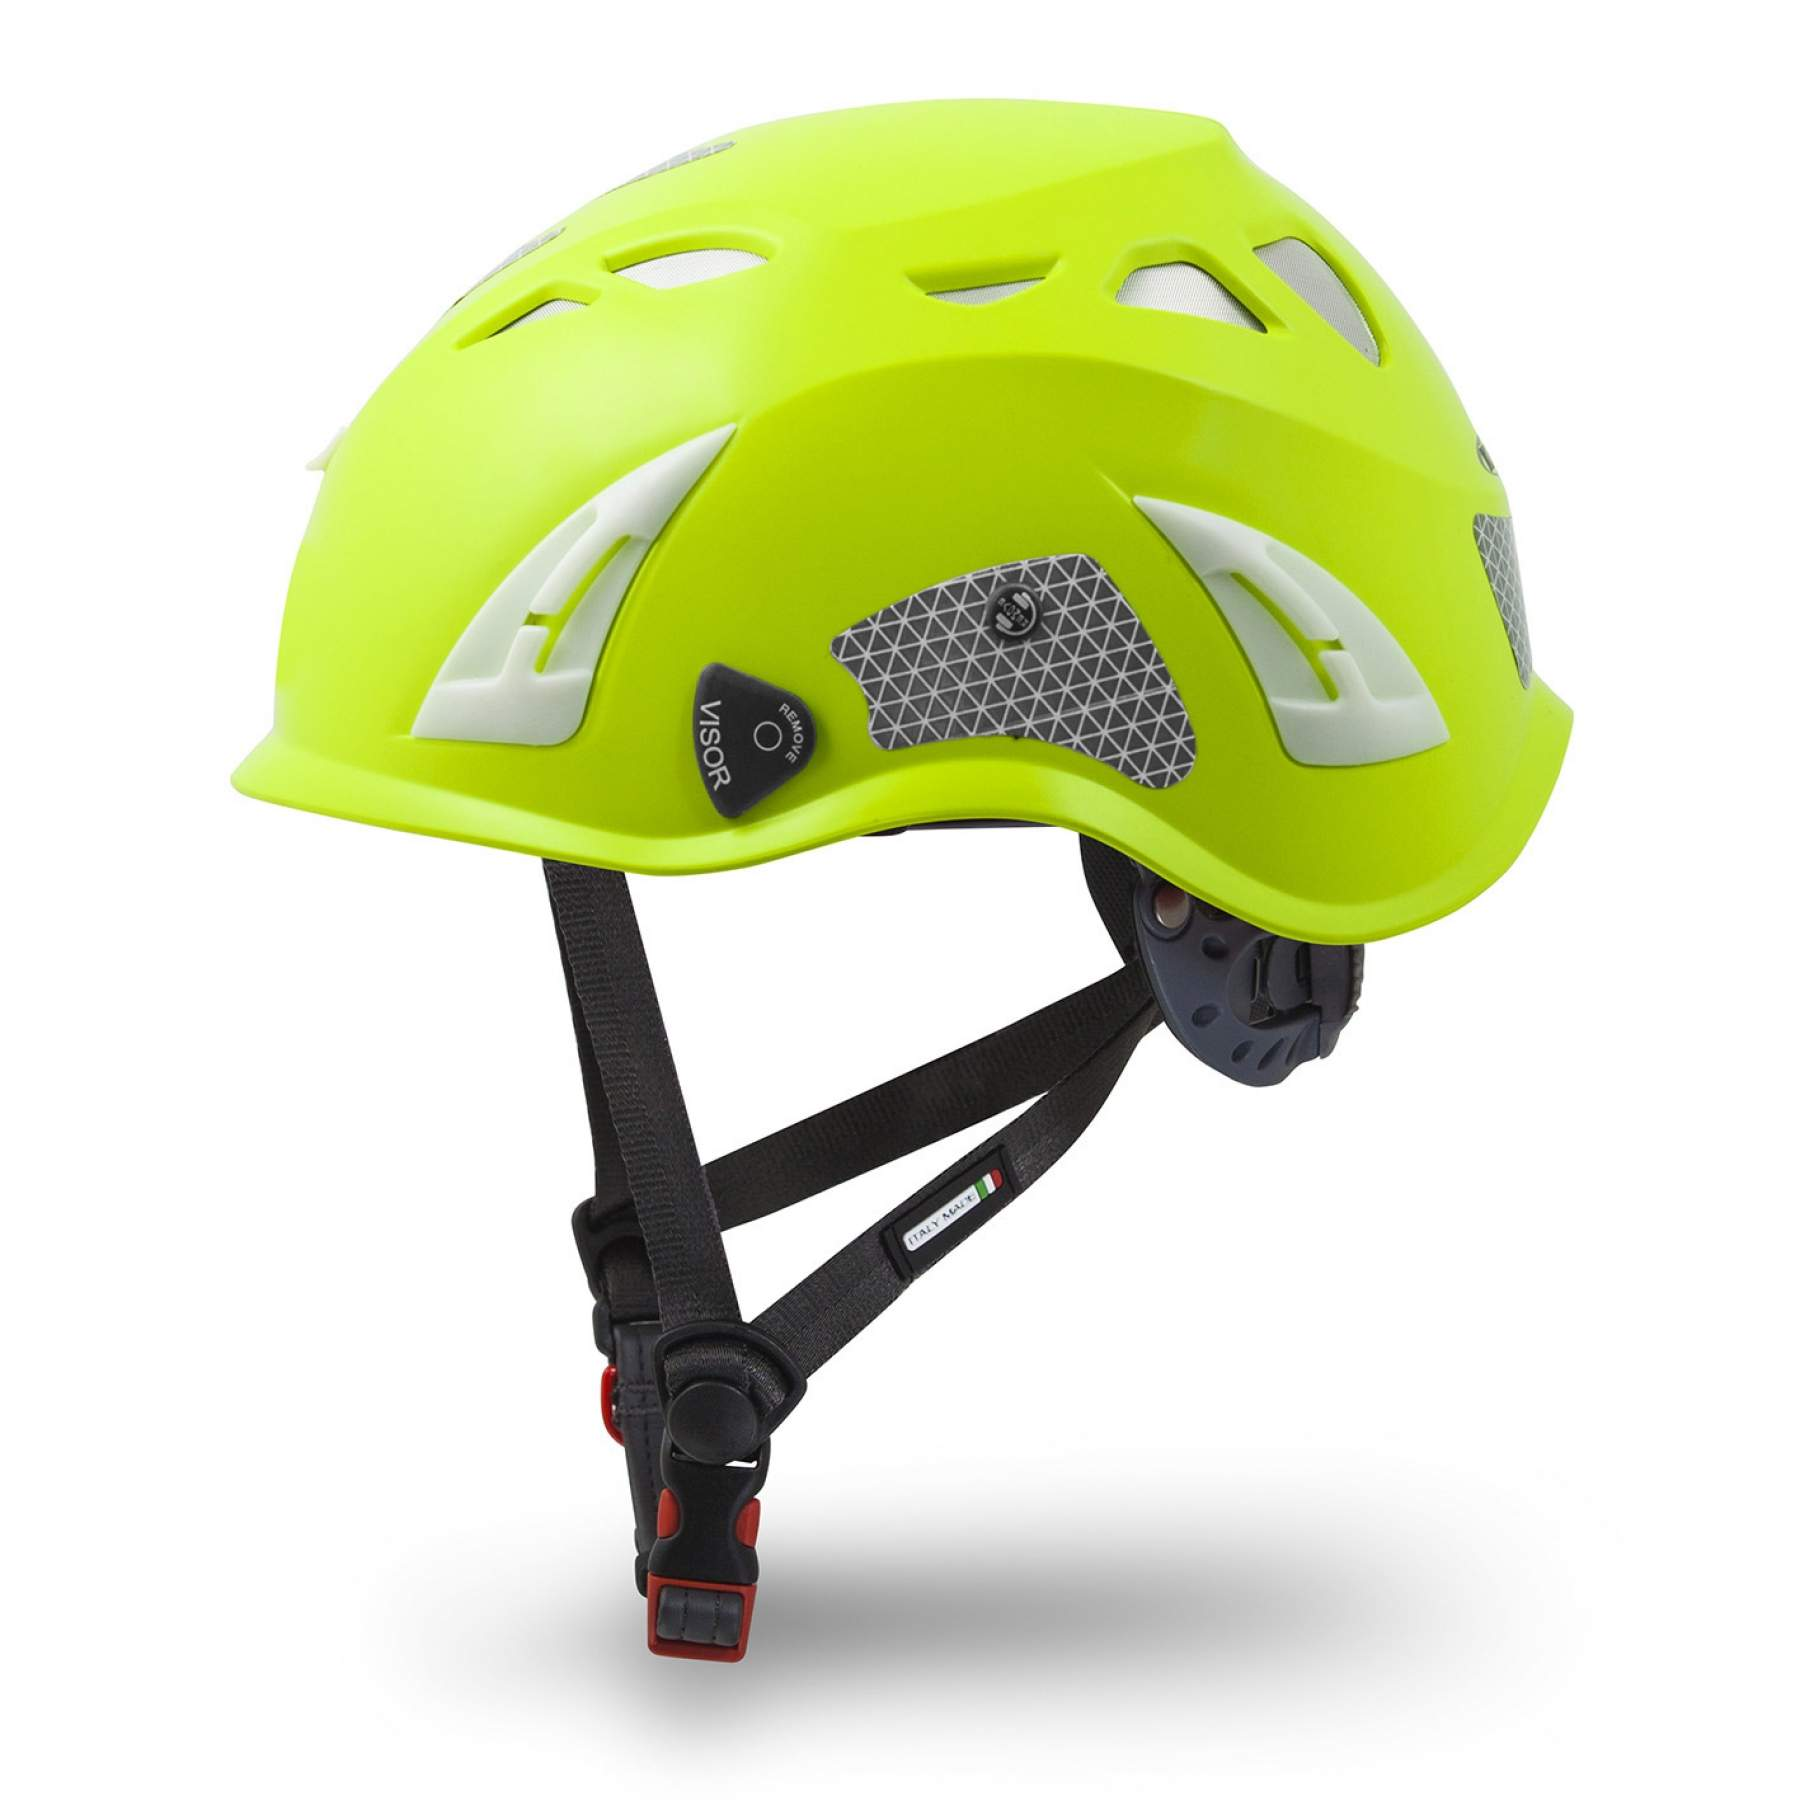 Kask Plasma Hi Viz Casco t/écnico protector fabricado en conformidad con la norma EN 397 09